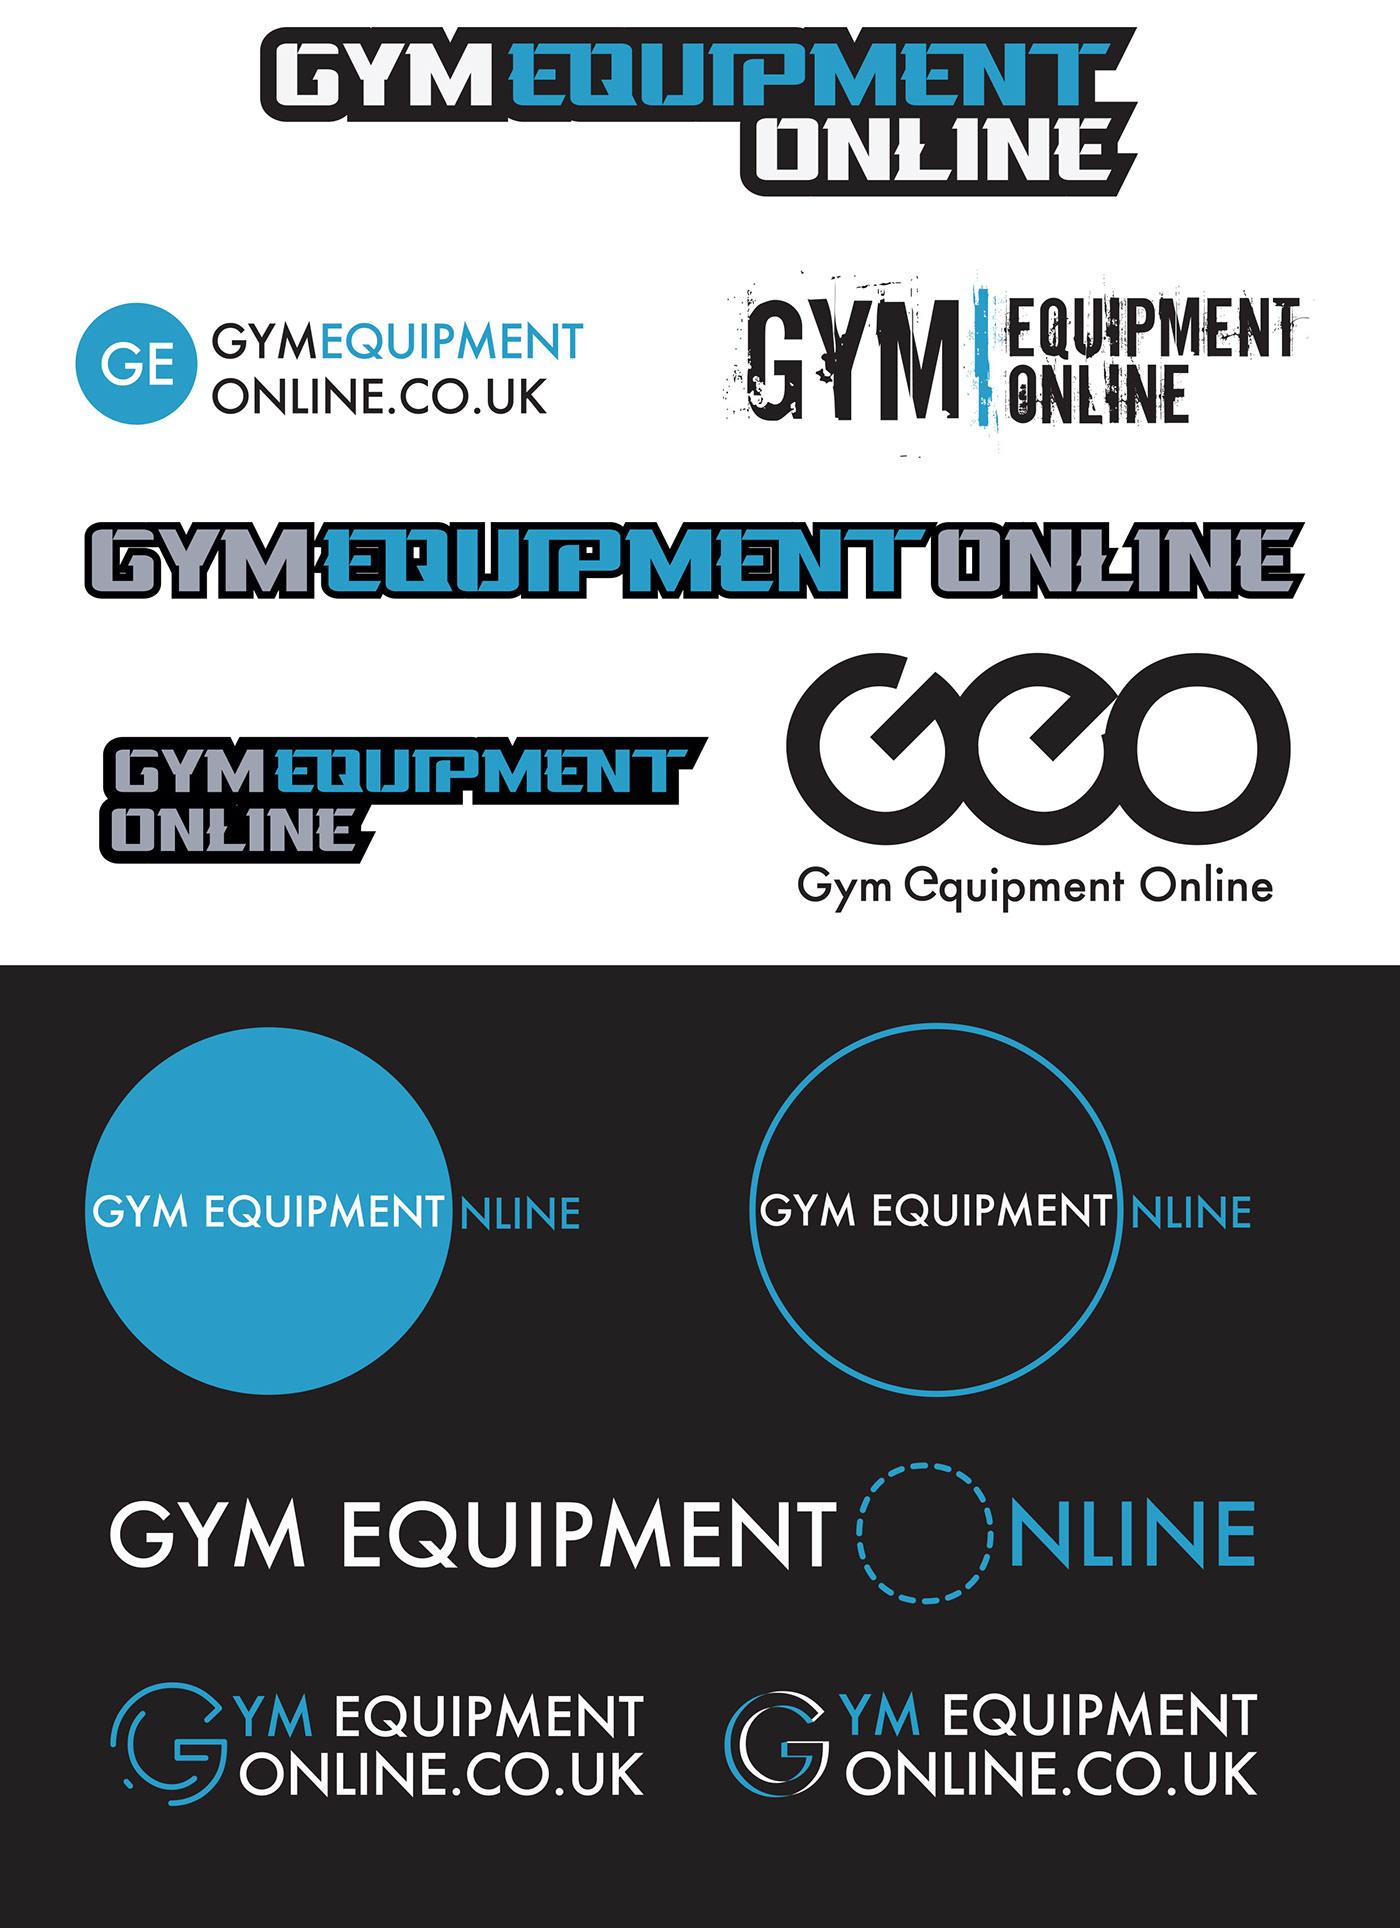 branding  concept design fitness graphic design  graphics gym logo Website